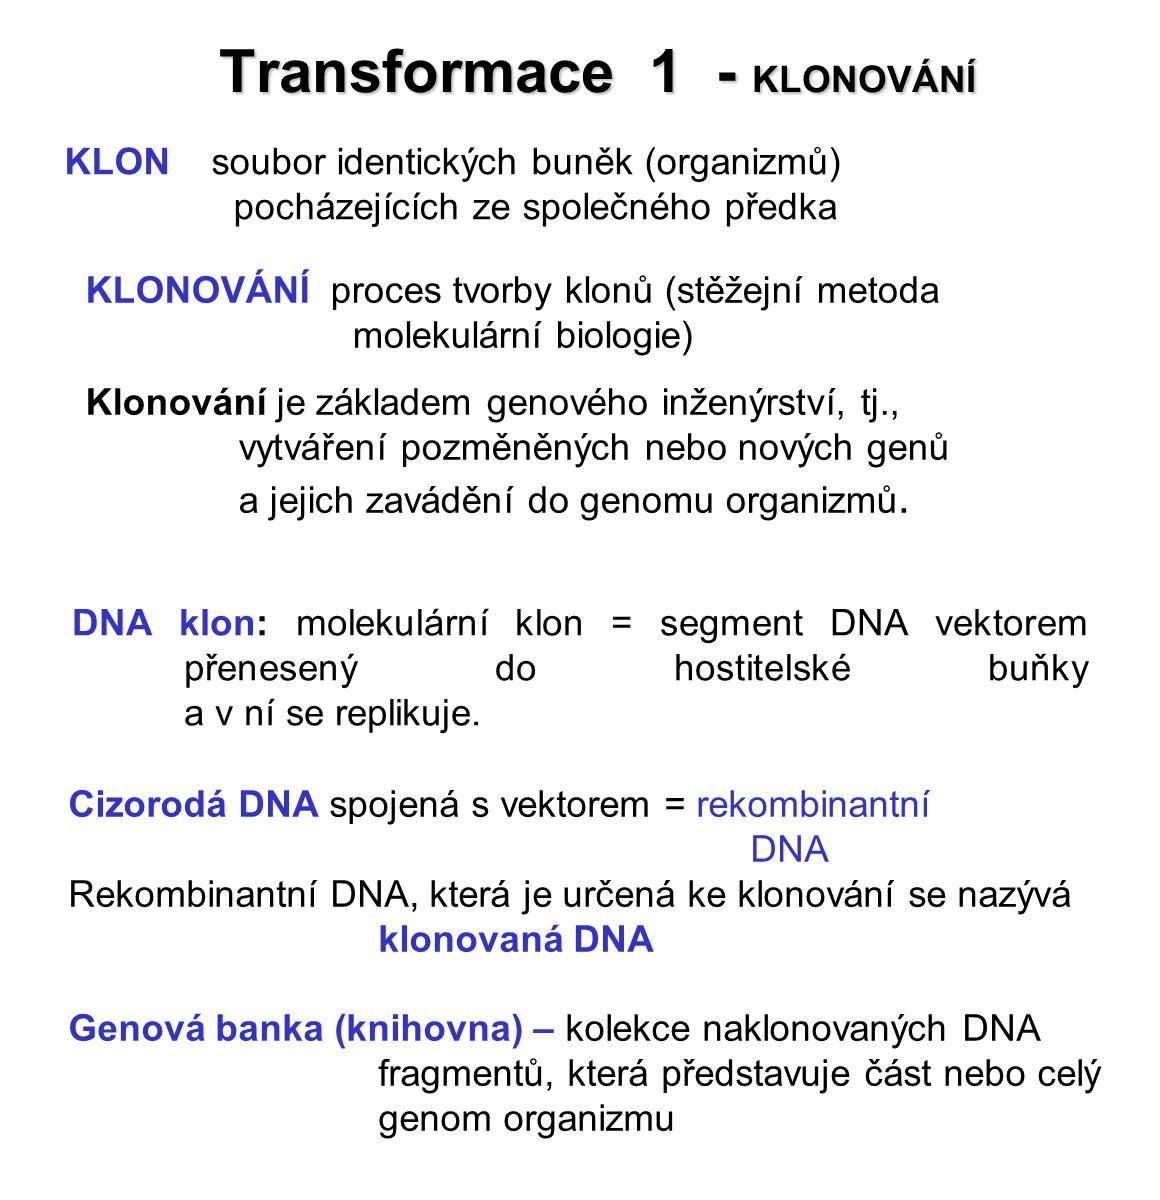 Transformace 1 - KLONOVÁNÍ KLON soubor identických buněk (organizmů) pocházejících ze společného předka KLONOVÁNÍ proces tvorby klonů (stěžejní metoda molekulární biologie) Klonování je základem genového inženýrství, tj., vytváření pozměněných nebo nových genů a jejich zavádění do genomu organizmů.